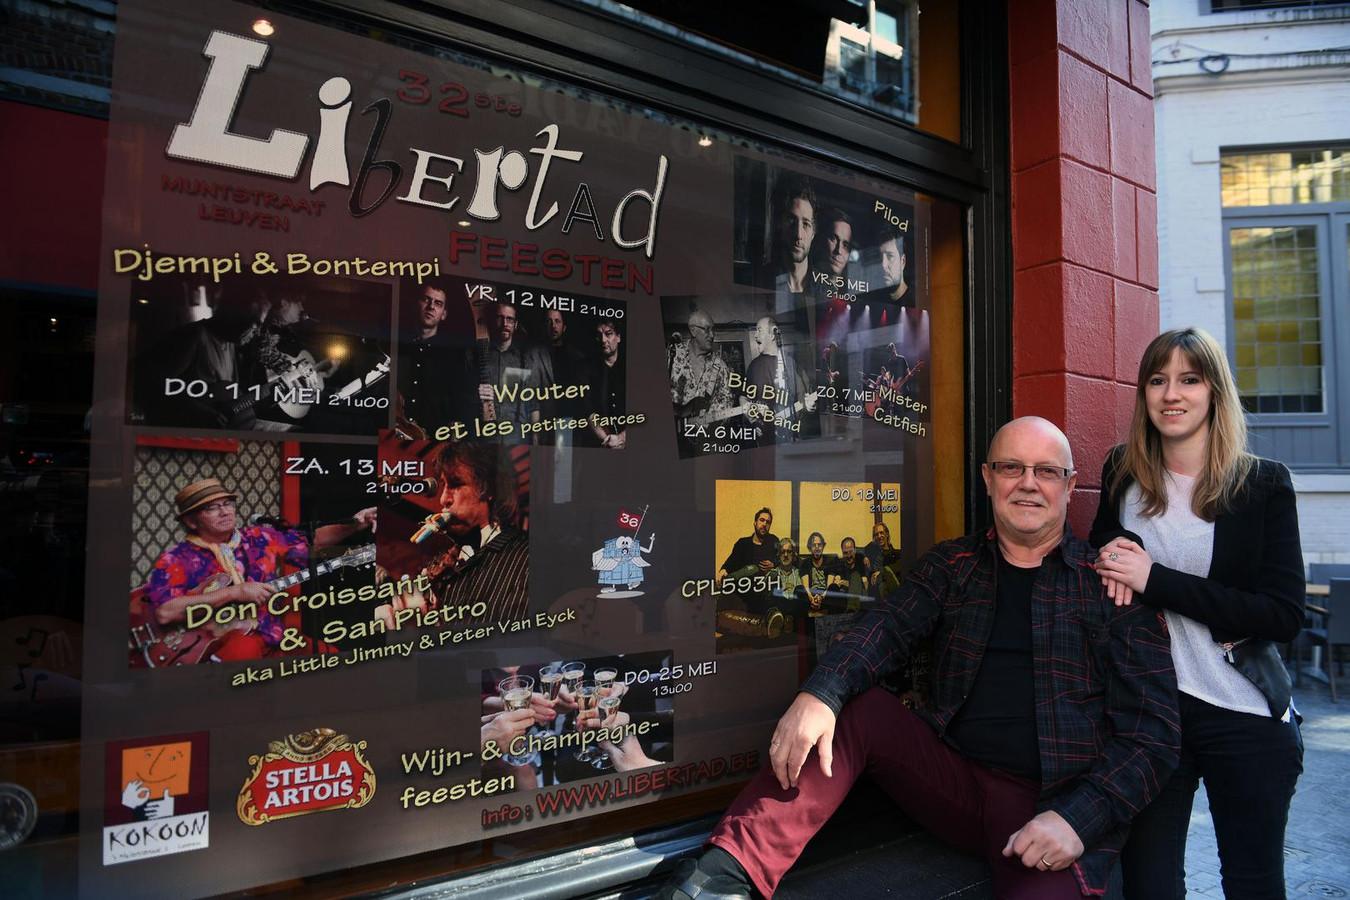 Uitbater Rikky Evers met zijn dochter aan café Libertad.